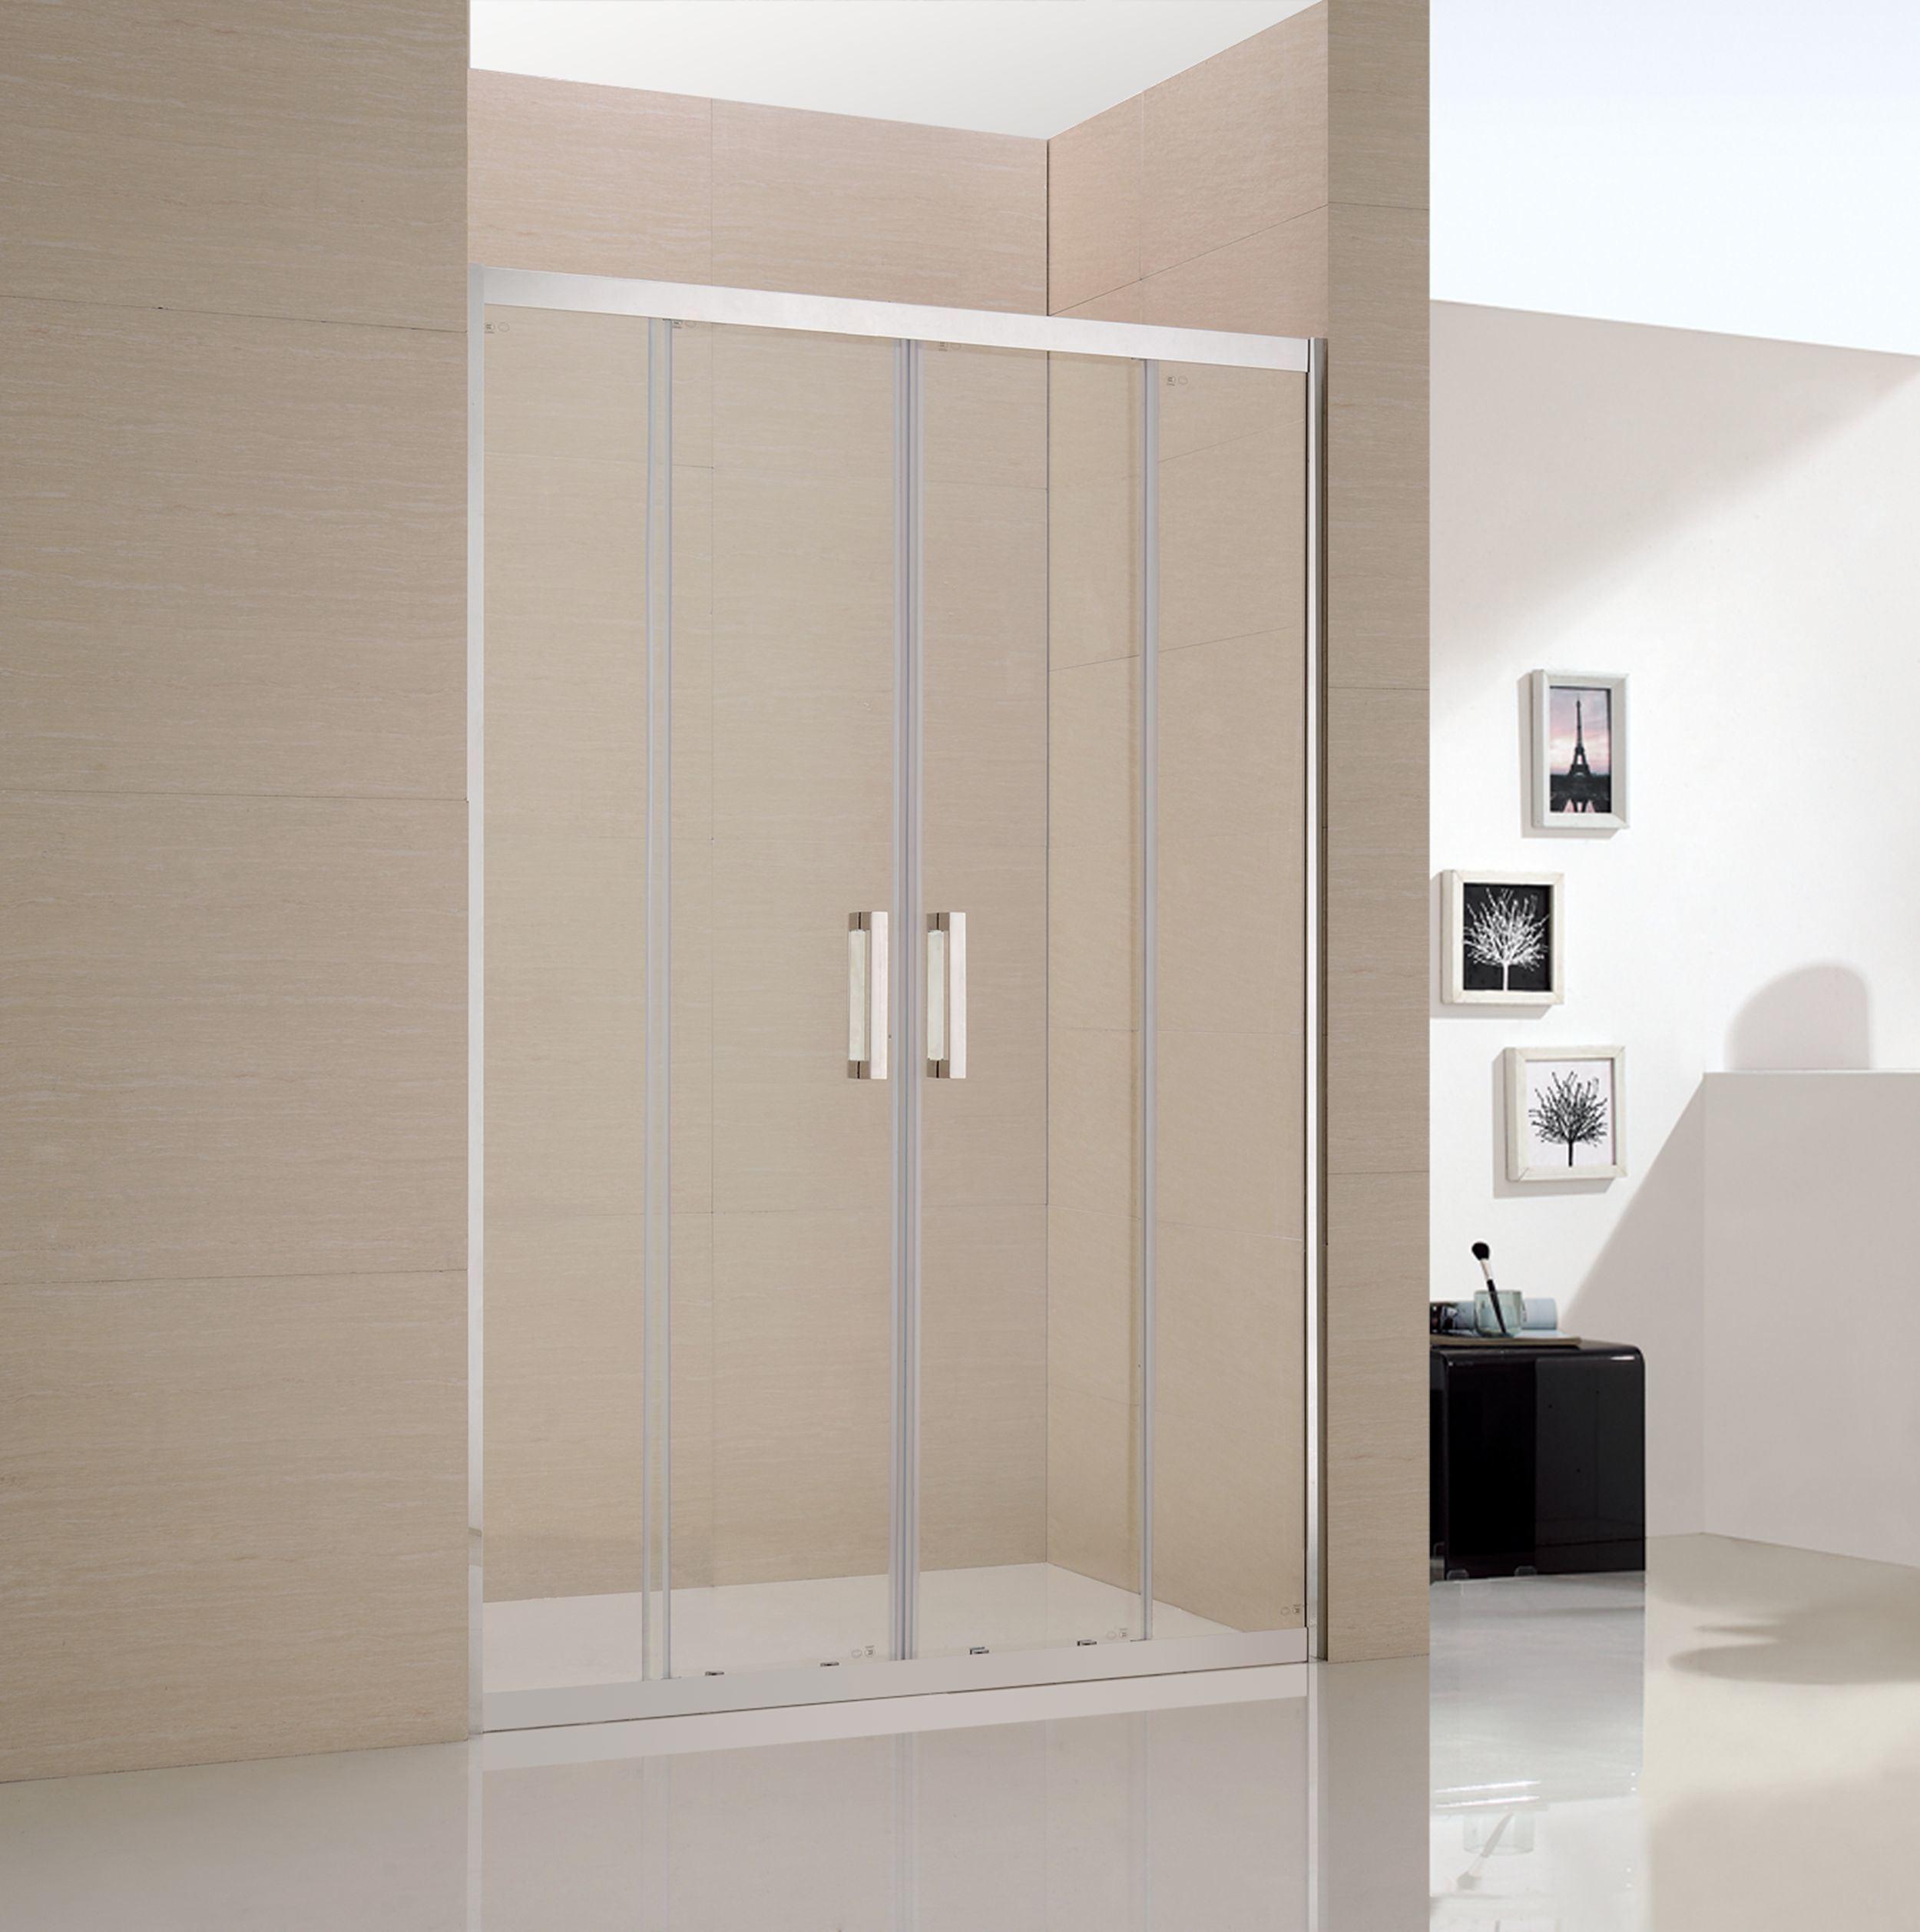 Fixo Chuveiro simples porta de tela / Shower em pt.Made in China.com #5B4C3C 2500x2516 Acessorios Banheiro China